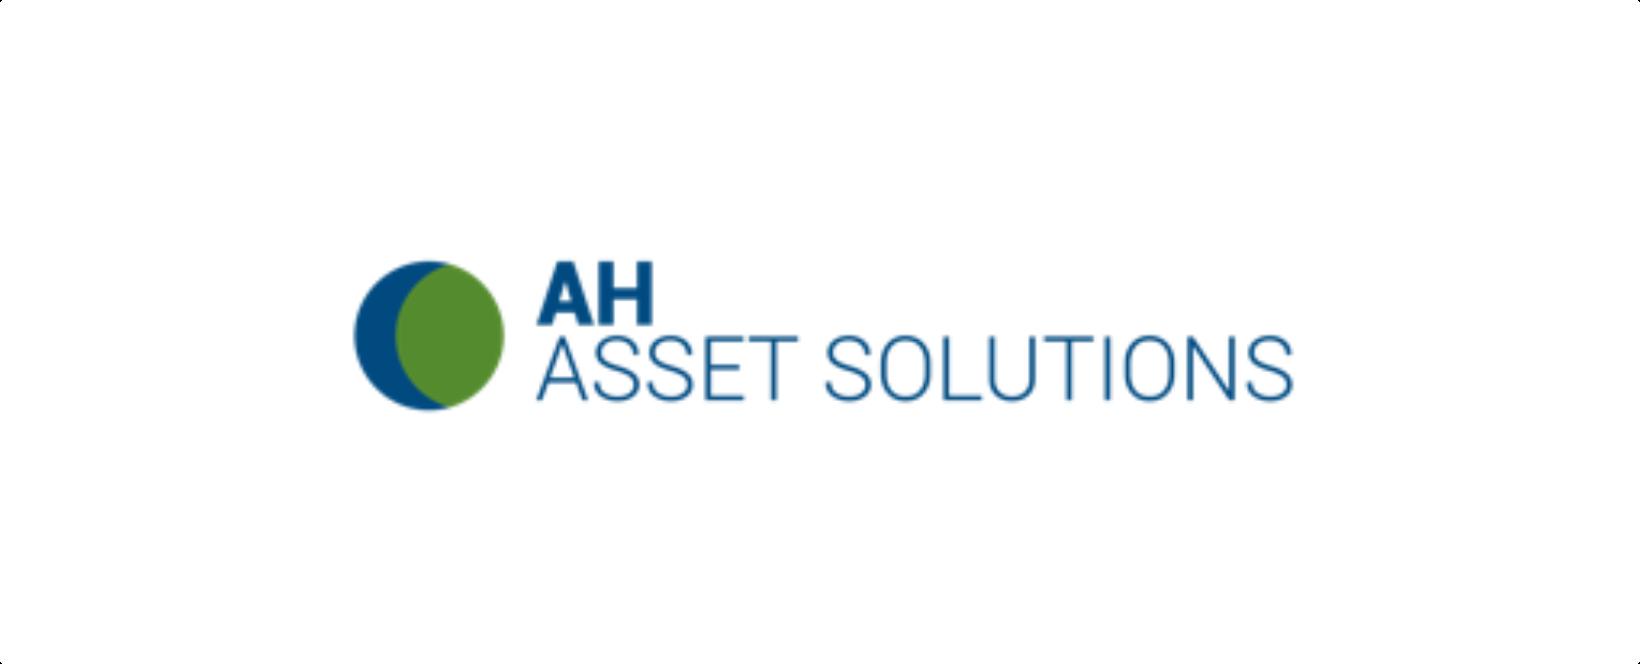 AH Asset Solutions Logo